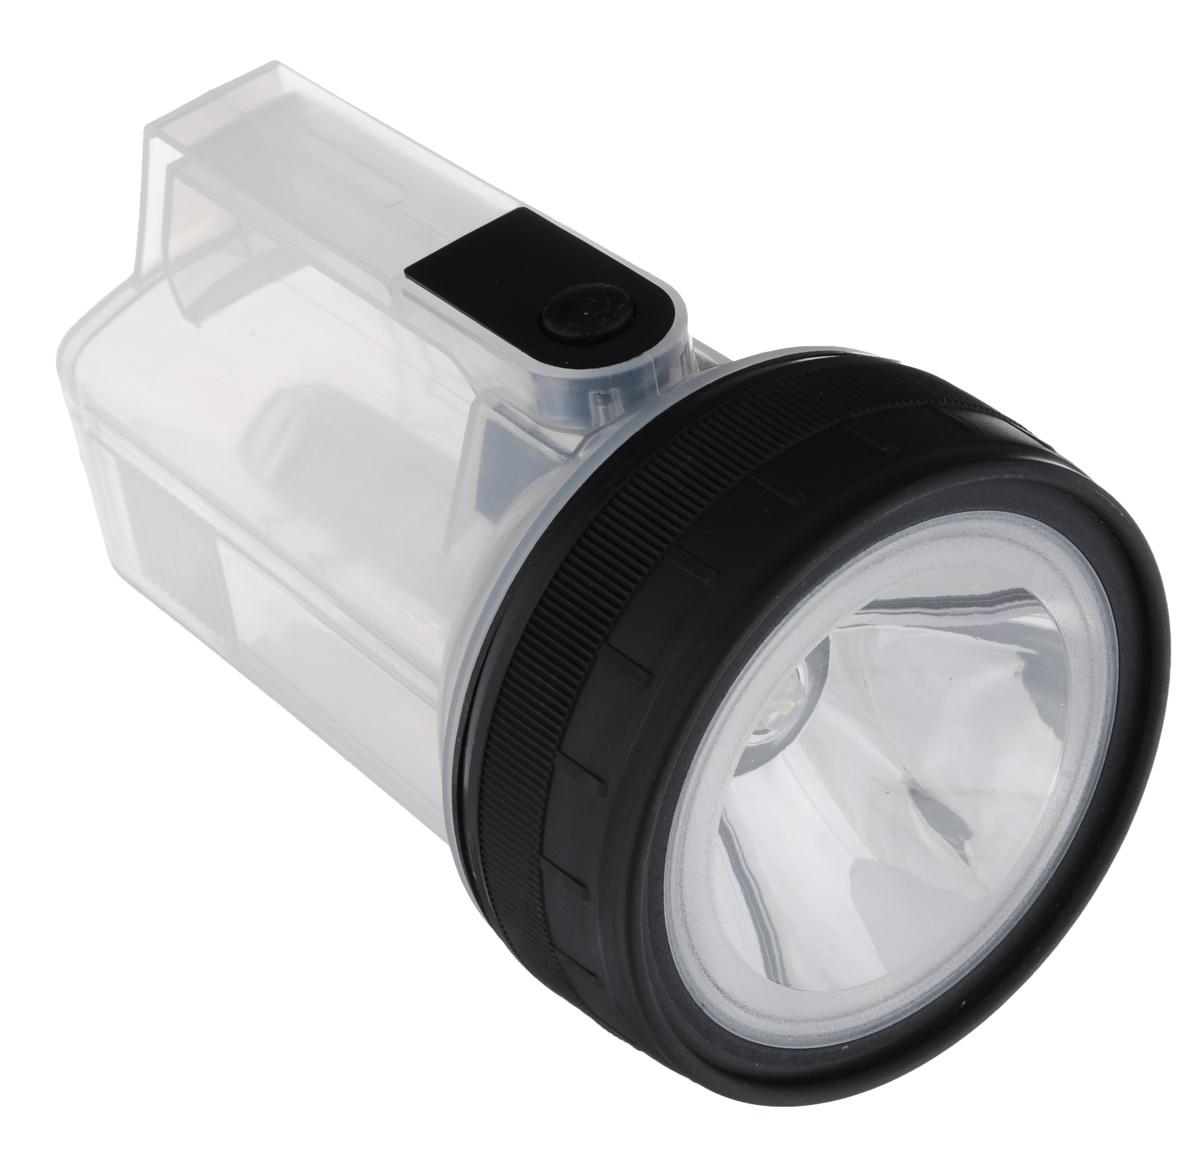 Фонарь ручной ЭРА F15, цвет: черный, серыйF15Светодиодный фонарь 3в1: фонарь - светодиод 0.5W светильник - 3 белых LED аварийный маяк - красный LED 3xLR03(AAA) - в комплект не входят. 66 лм